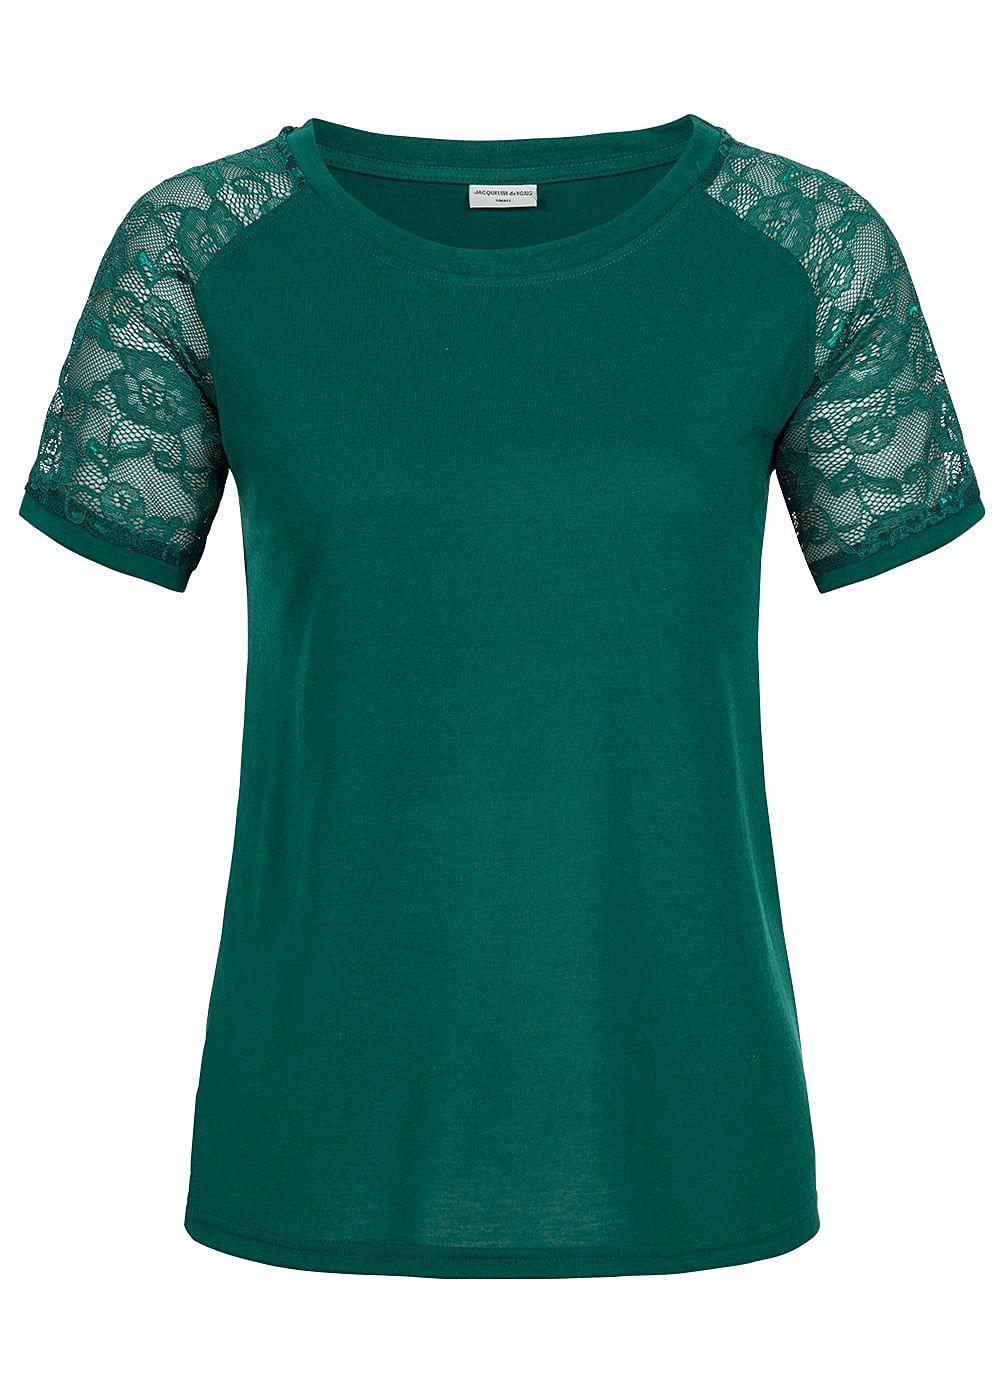 jdy by only damen top t shirt spitze am rmel storm gr n. Black Bedroom Furniture Sets. Home Design Ideas